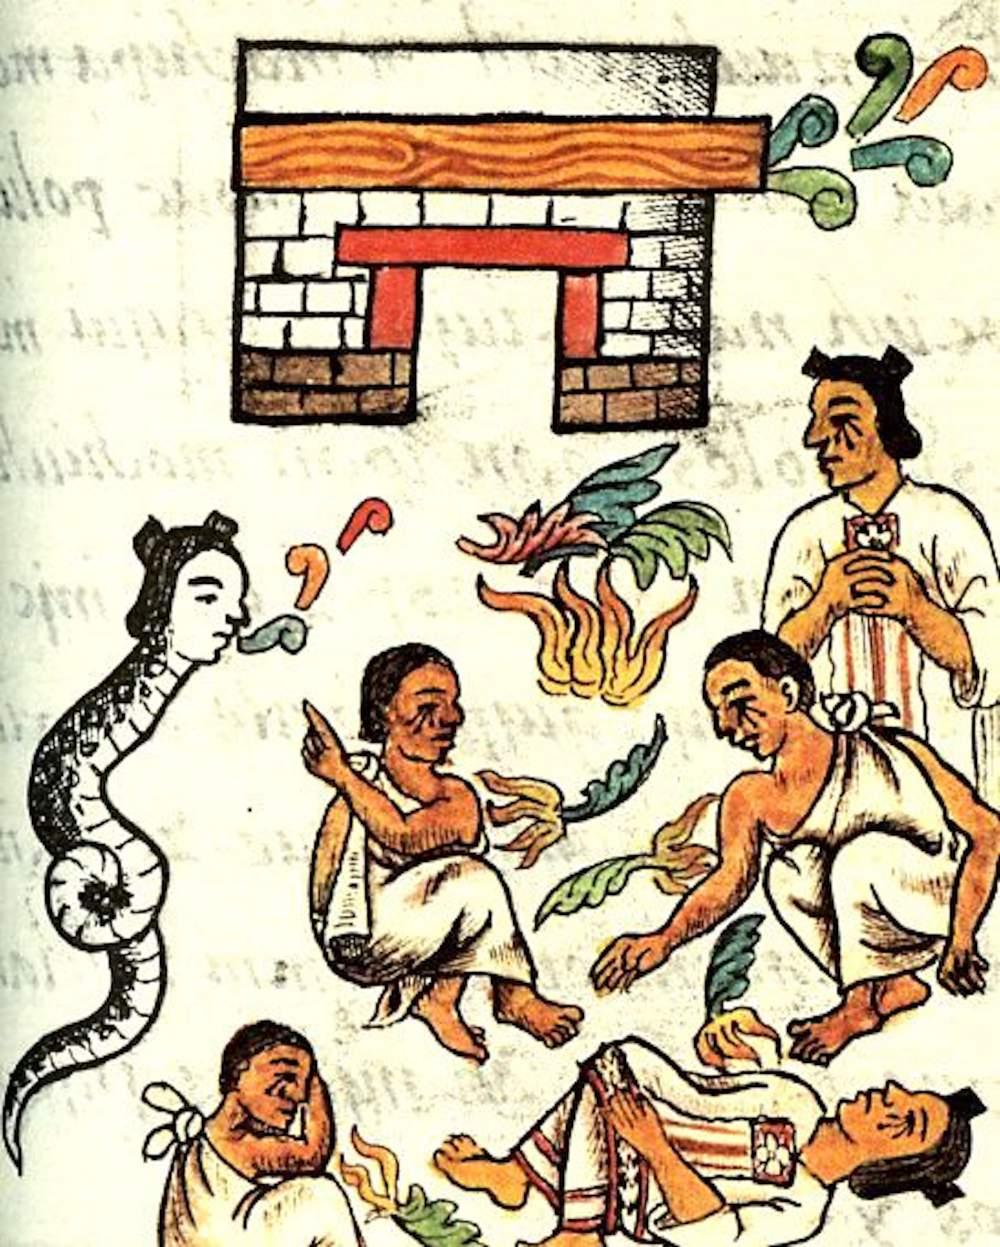 El rayo y la diosa Ciuatel (La mujer serpiente) que canta y baila y anuncia el desastre (manuscrito florentino, Biblioteca Medicia Laurenziana en Florencia)